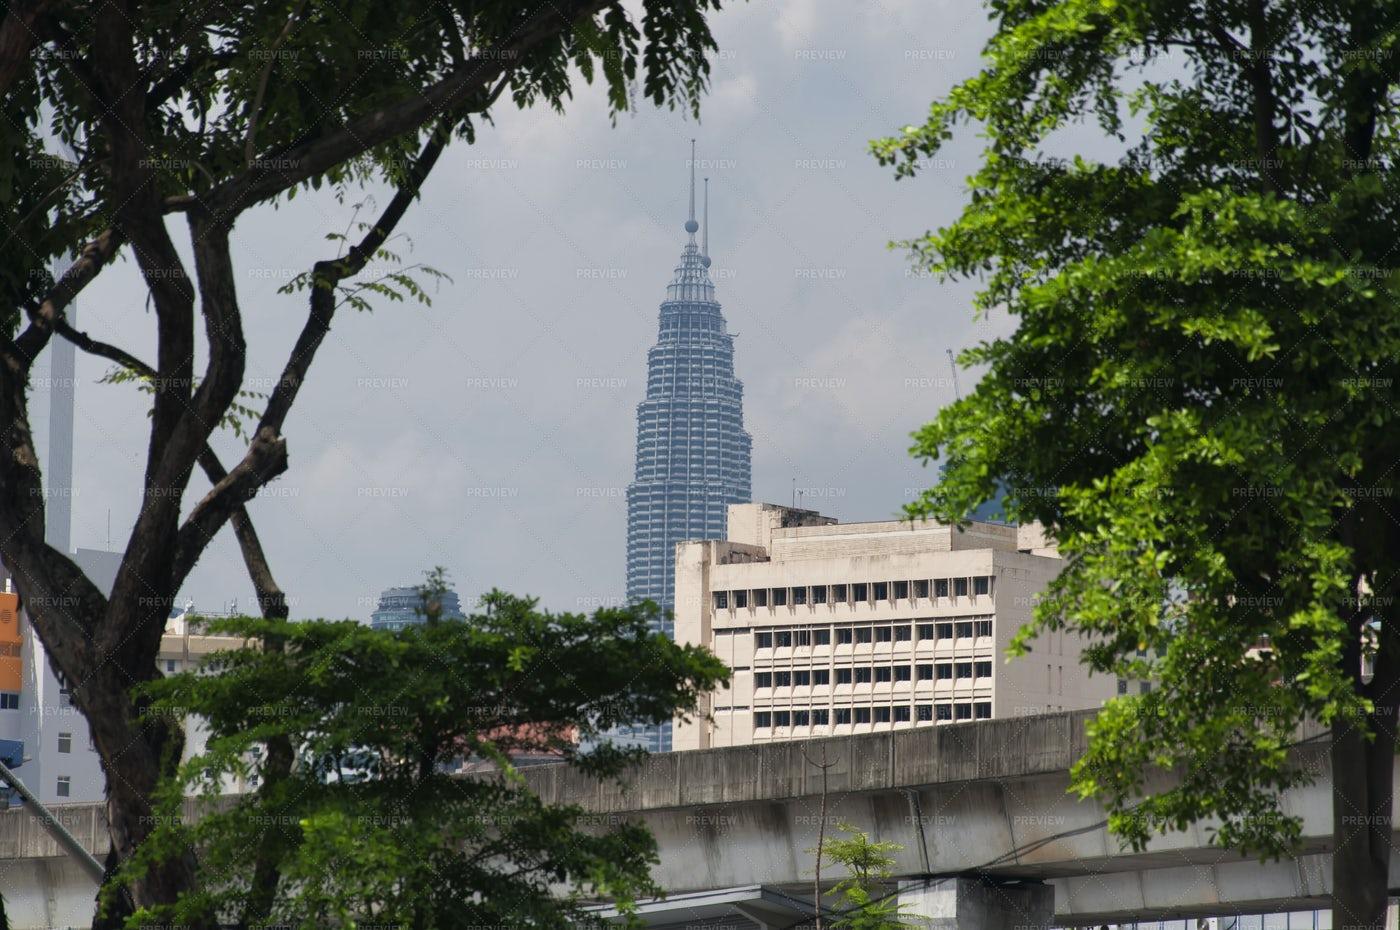 Petronas Tower Skyline In Kuala Lumpur: Stock Photos